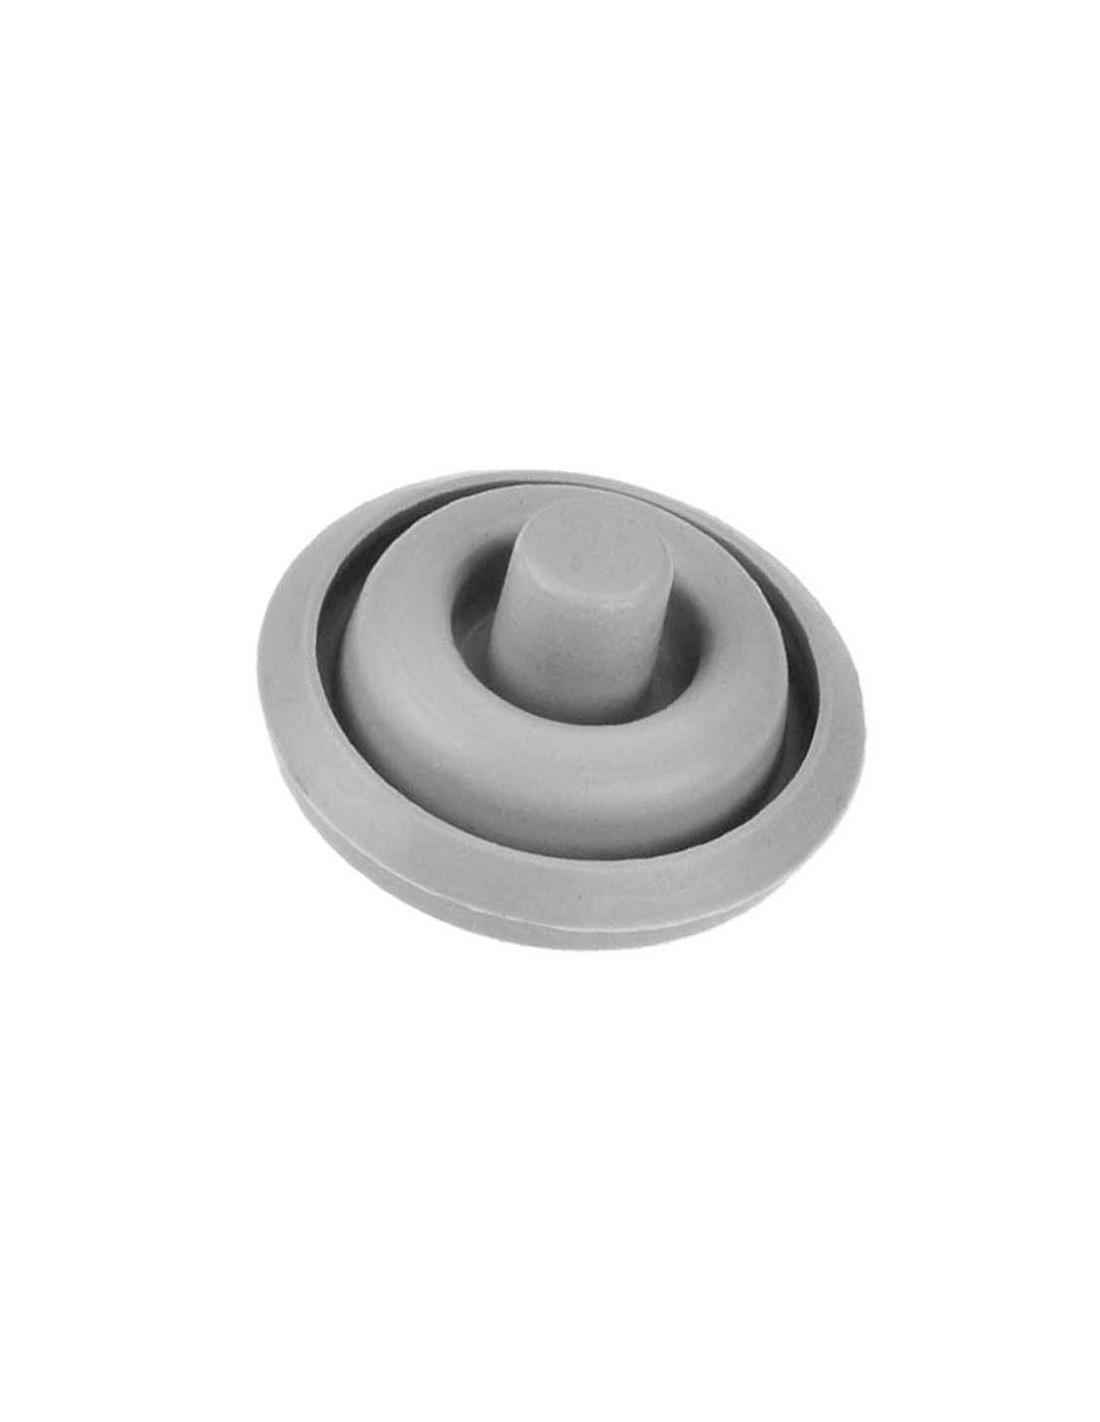 L 16 mm G 58 mm R1 12 mm Bosch Professional Zubeh/ör  2608628365 Hohlkehlfr/äser 8 mm D 36,7 mm